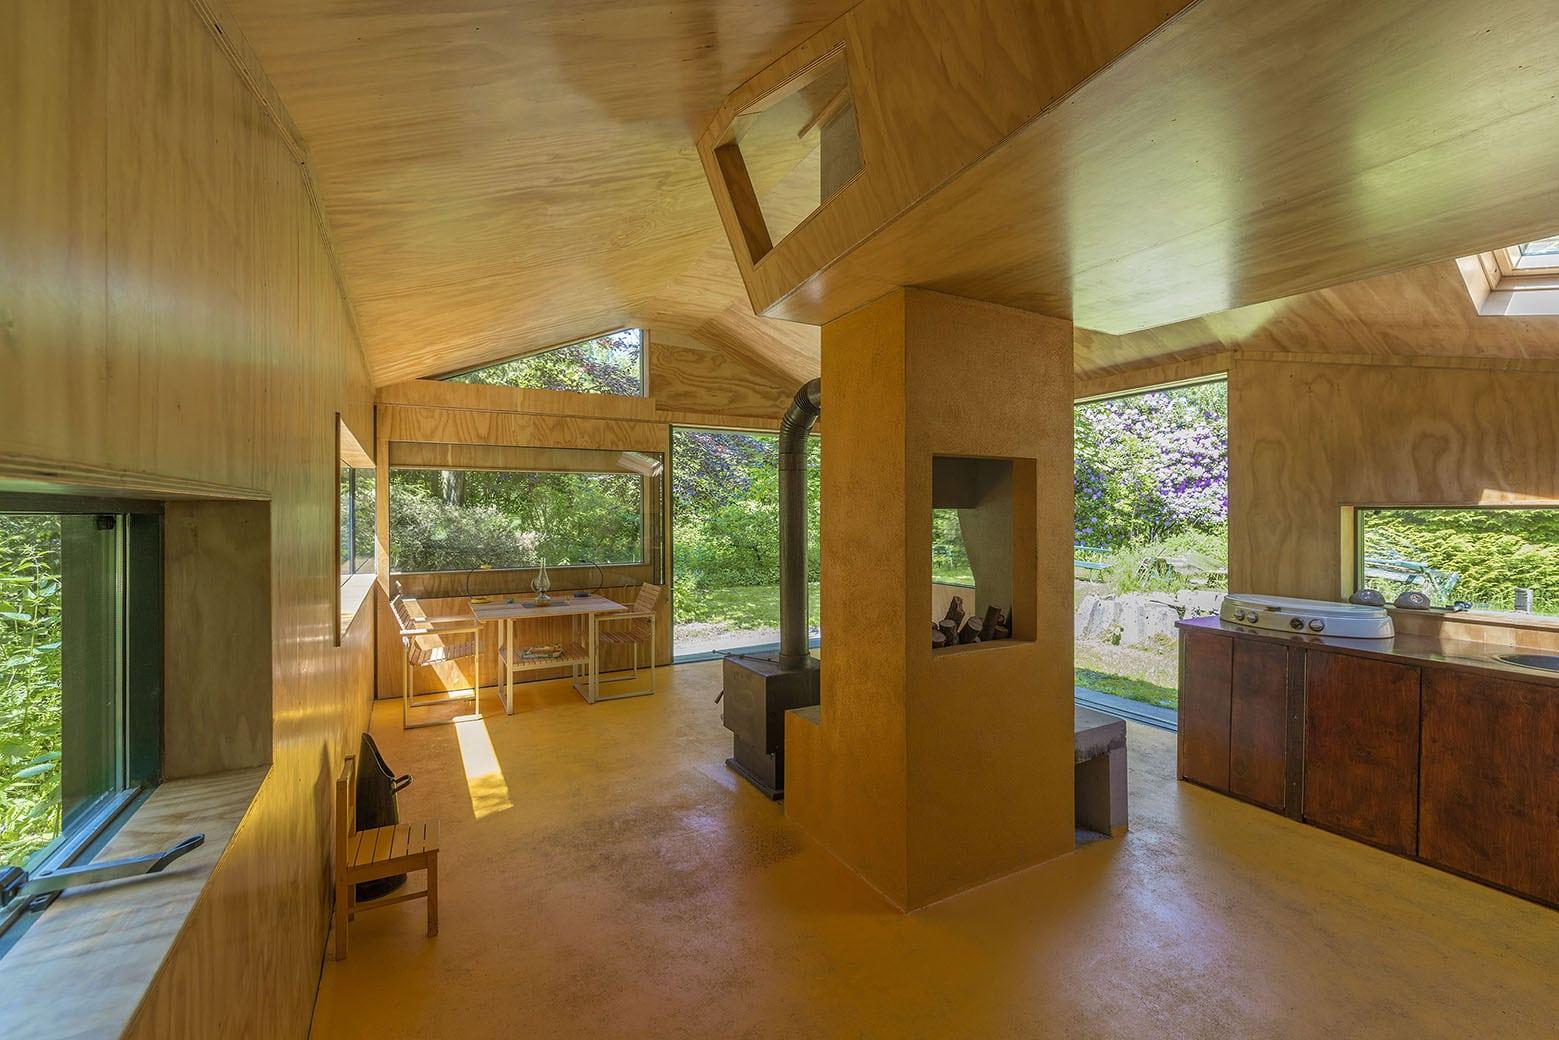 Dise o de caba a peque a de 35 metros cuadrados for Revestimiento interior madera